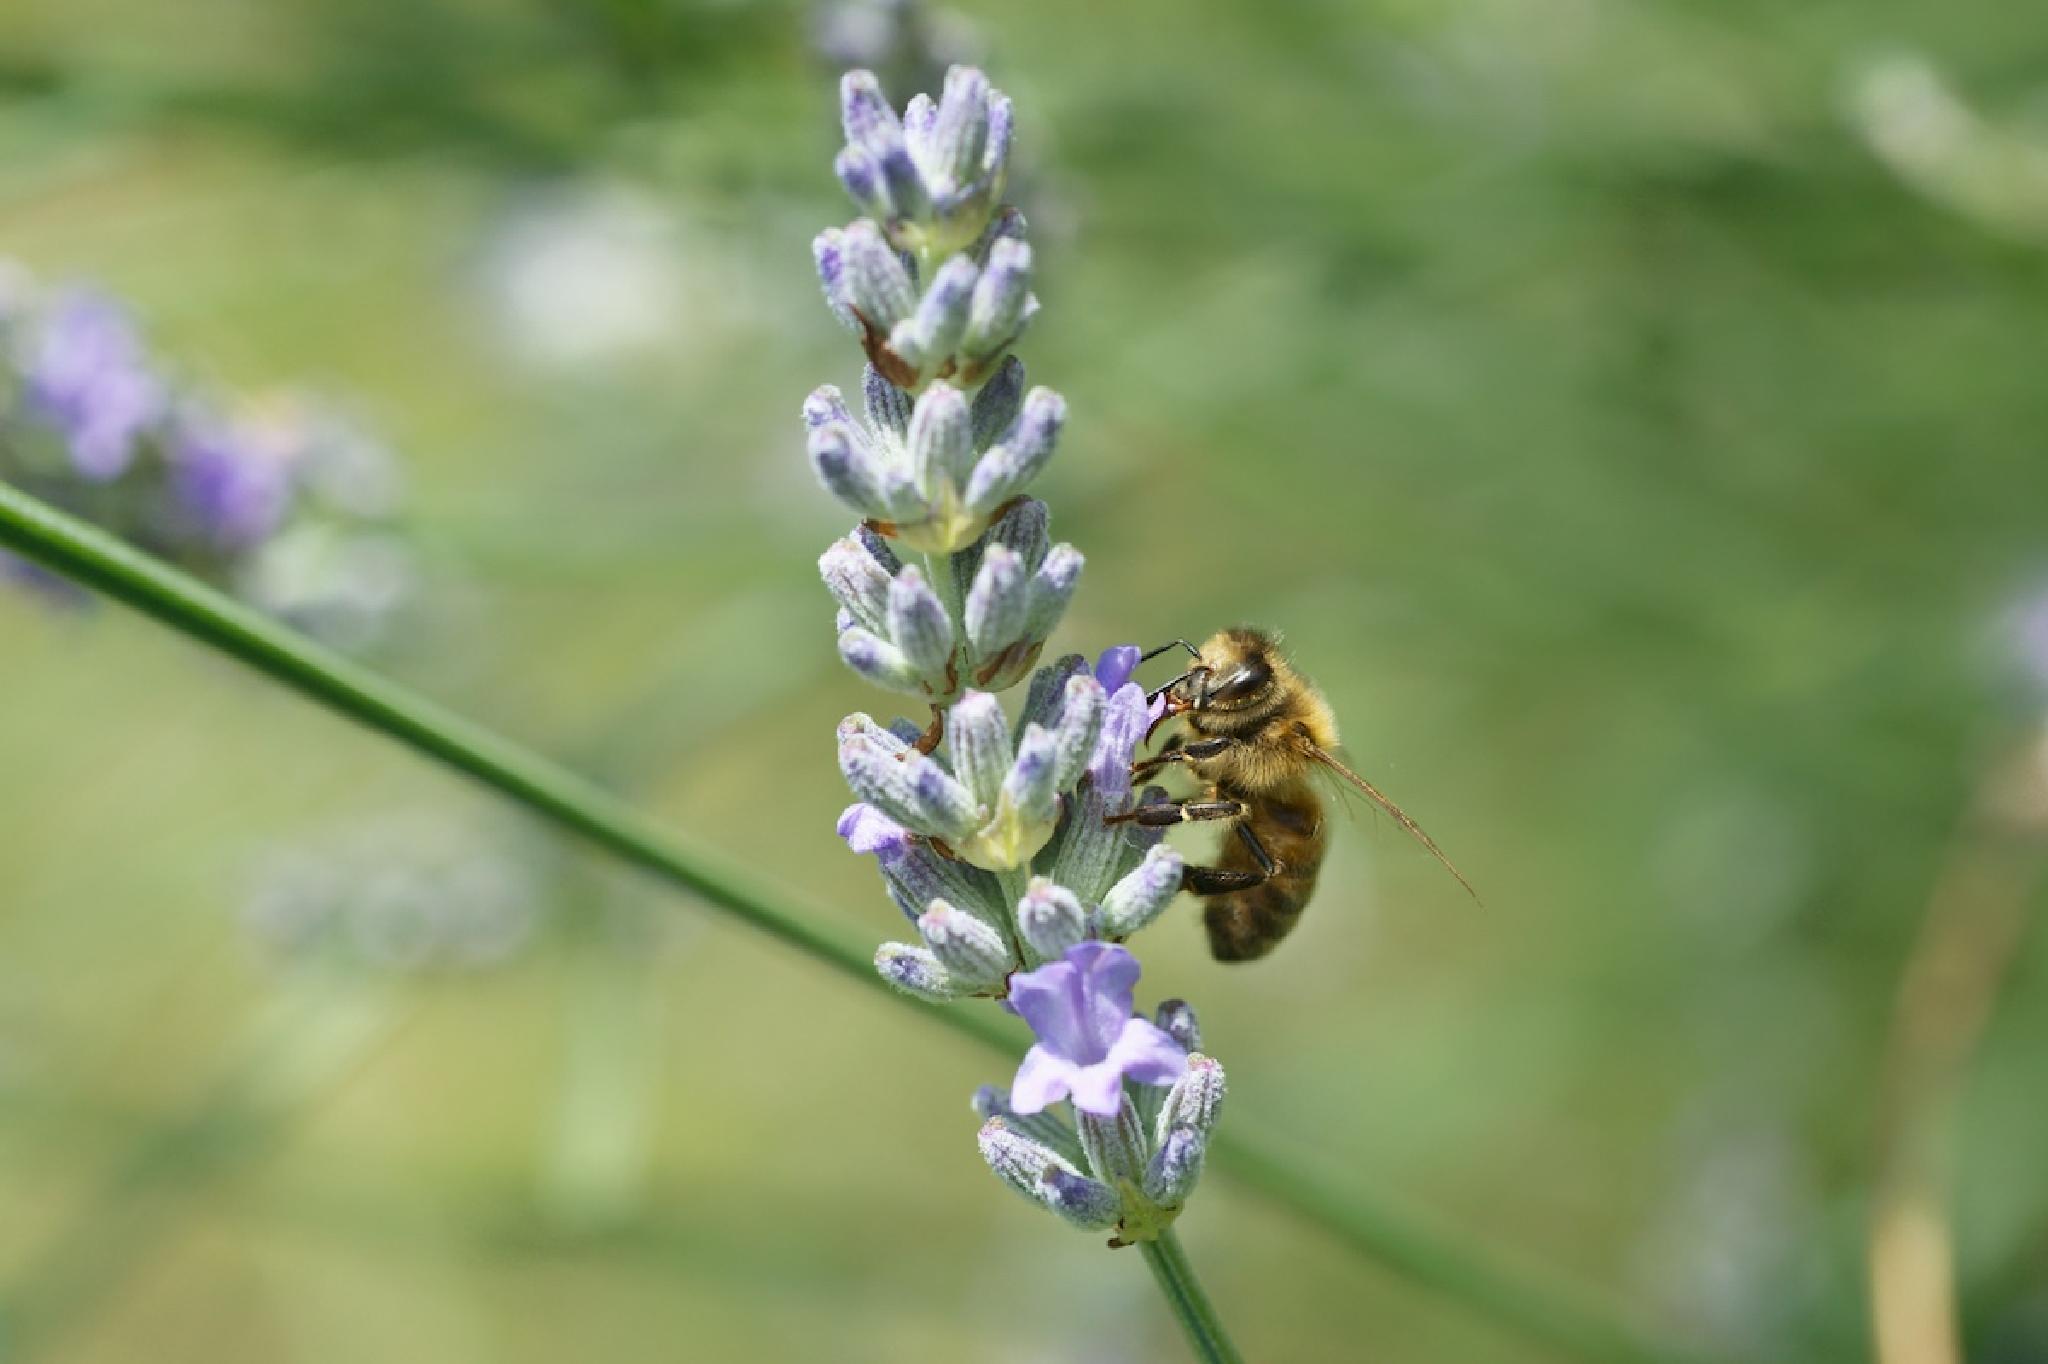 Honey bee by Ian K. Iles